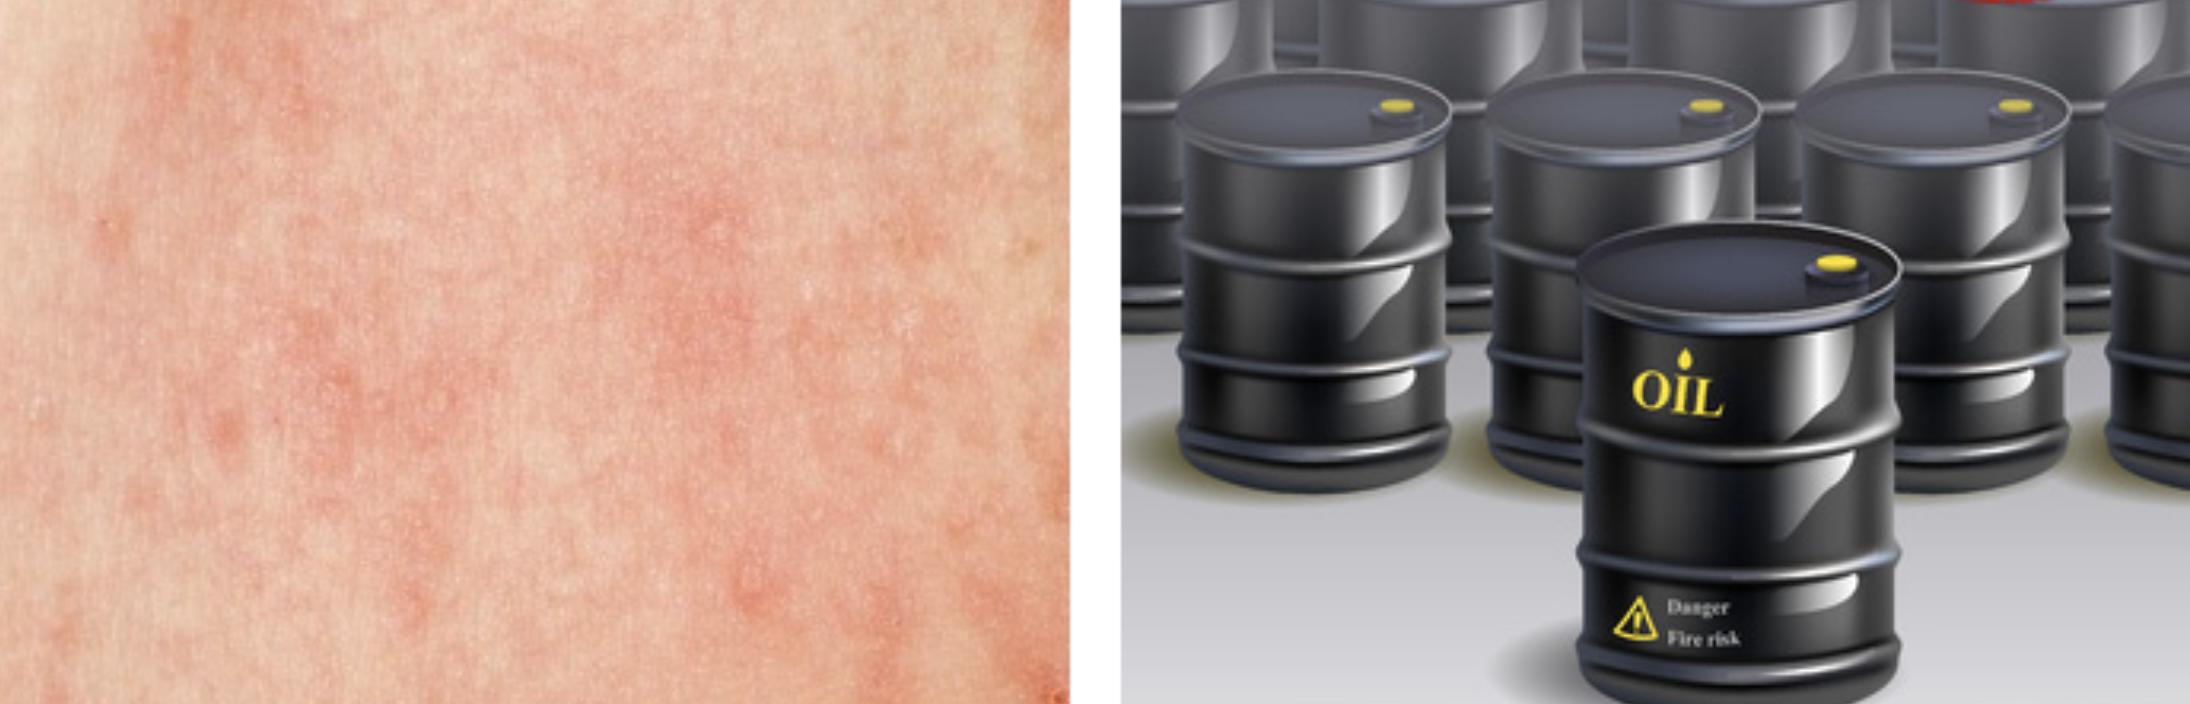 Reacción de la piel por aceites minerales en cosméticos